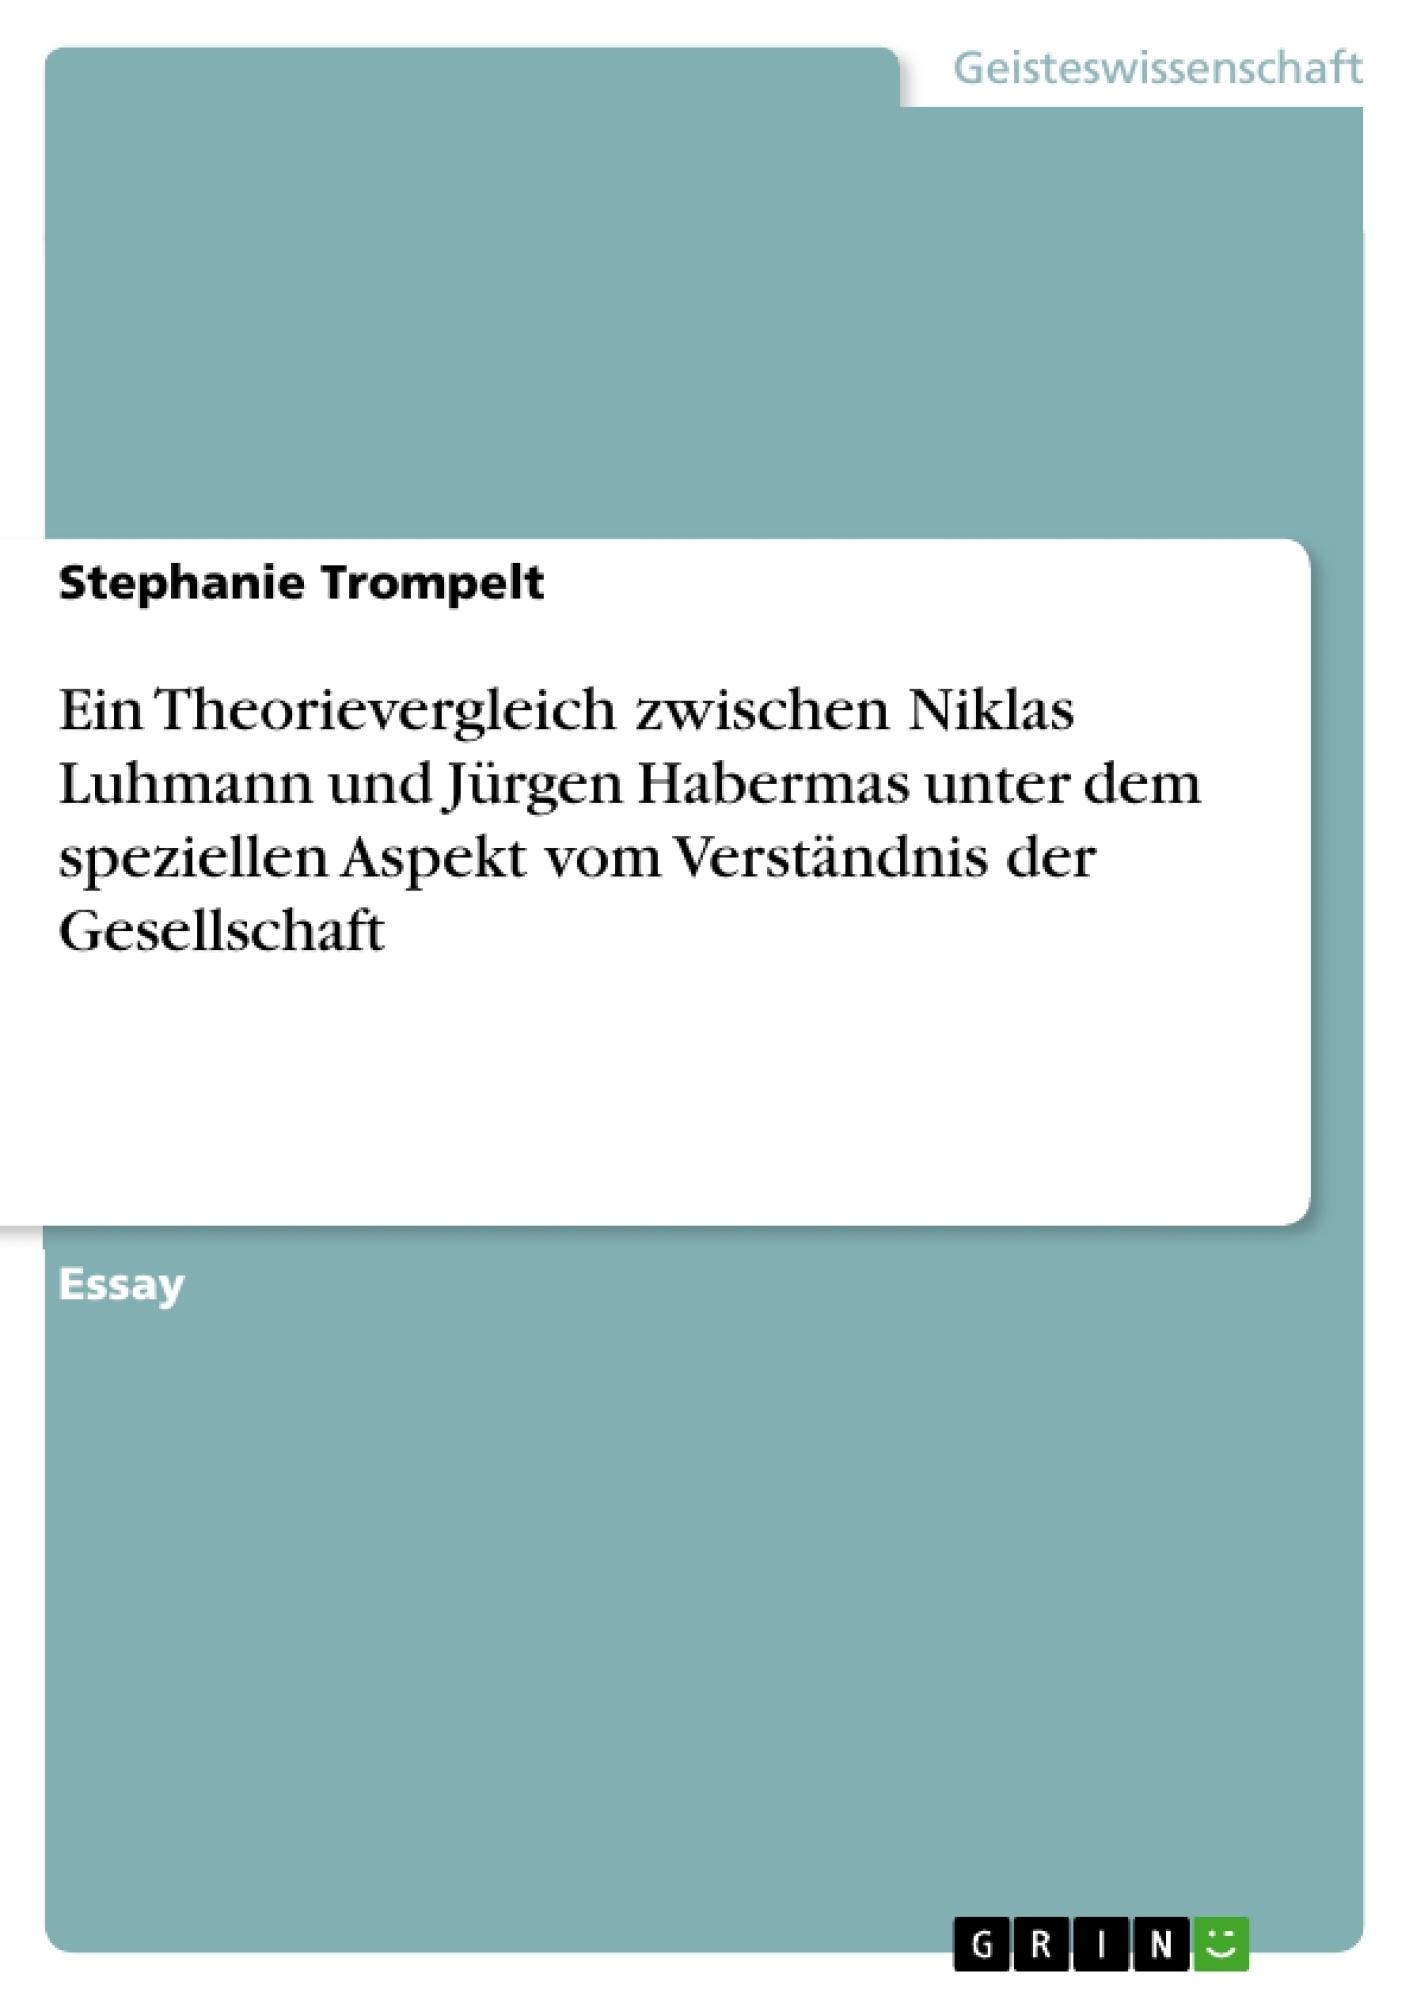 Titel: Ein Theorievergleich zwischen Niklas Luhmann und Jürgen Habermas unter dem speziellen Aspekt vom Verständnis der Gesellschaft